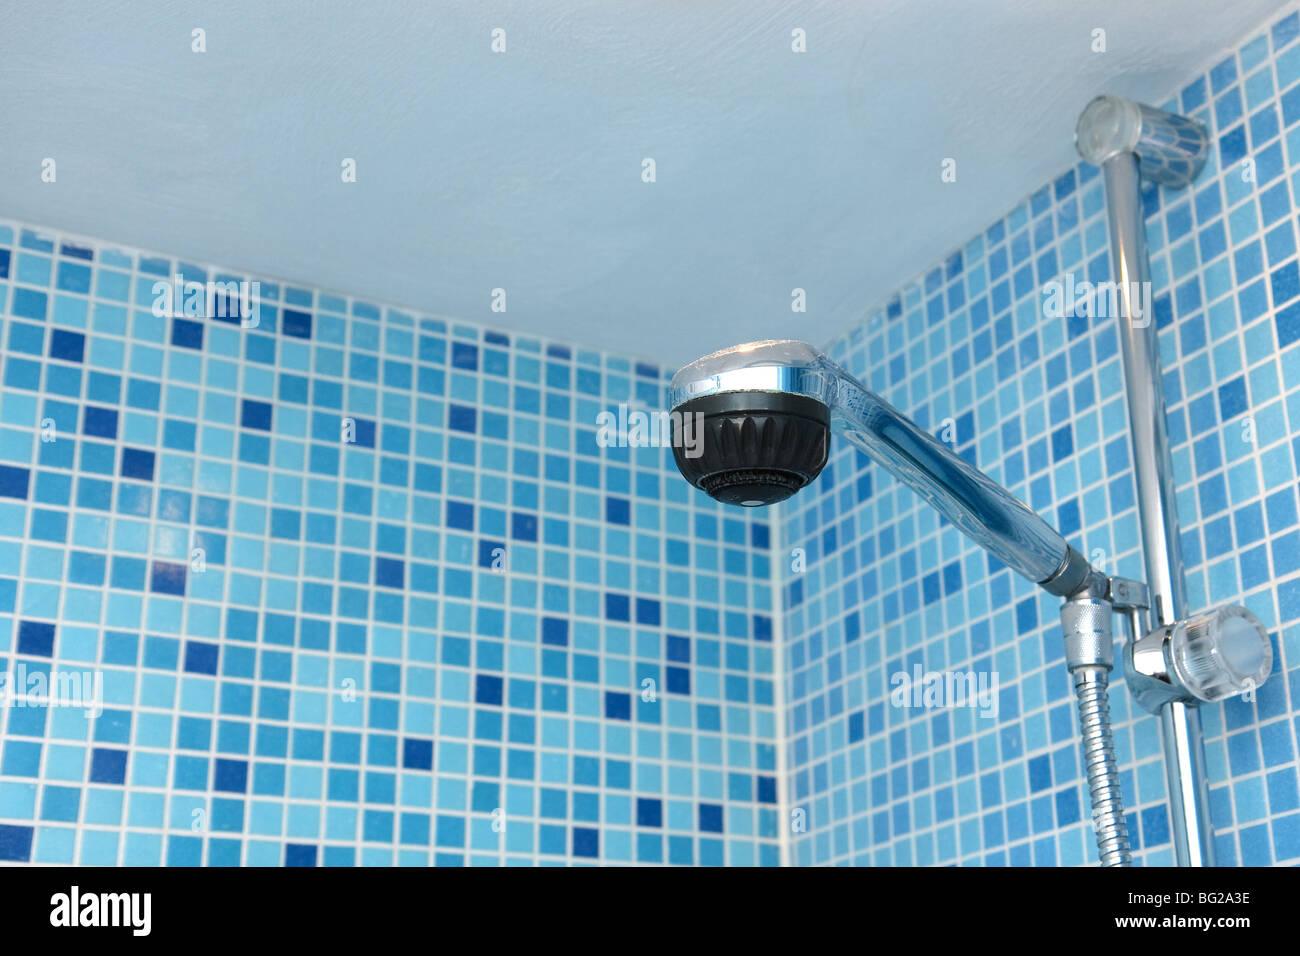 Duschkopf im Bad des blauen Mosaik Fliesen Stockfotografie   Alamy